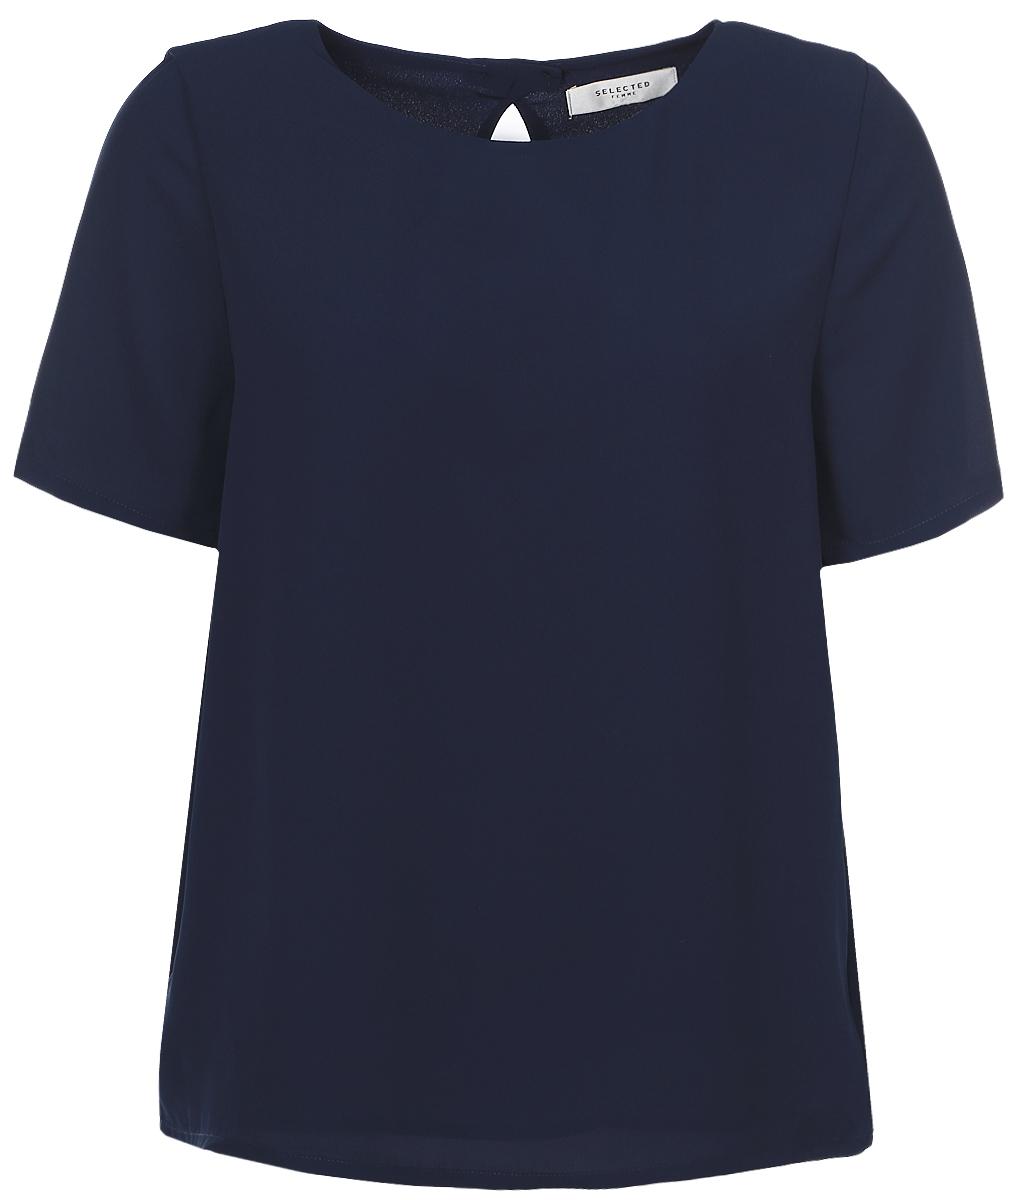 16054002_Dark SapphireЖенская блузка Selected Femme с короткими рукавами и круглым вырезом горловины выполнена из полиэстера. Блузка имеет свободный крой и застегивается на пуговицы на спинке.